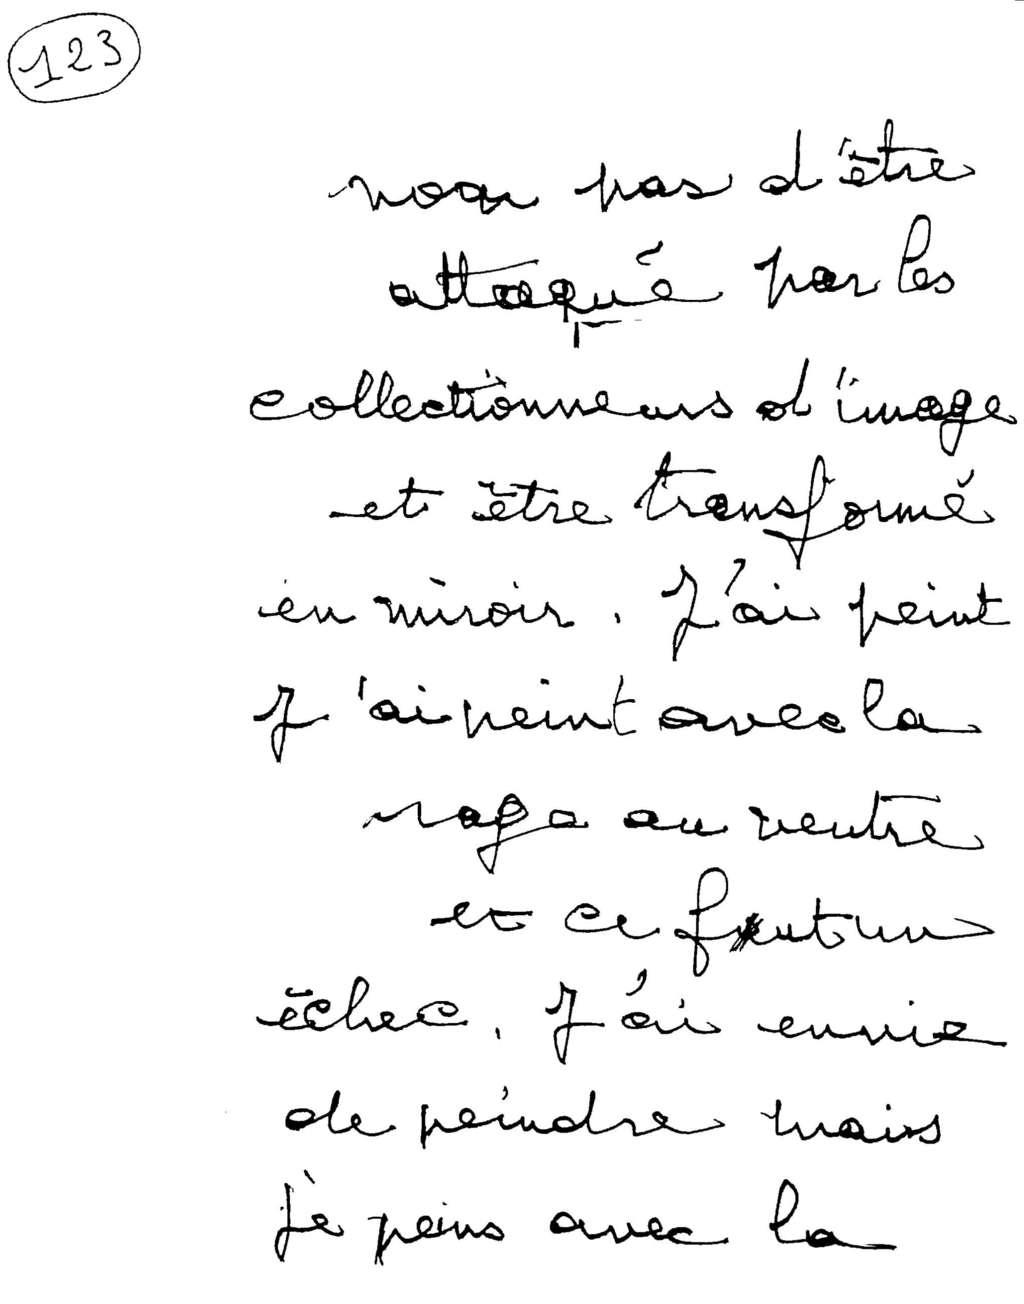 manuscrit du poème 2567